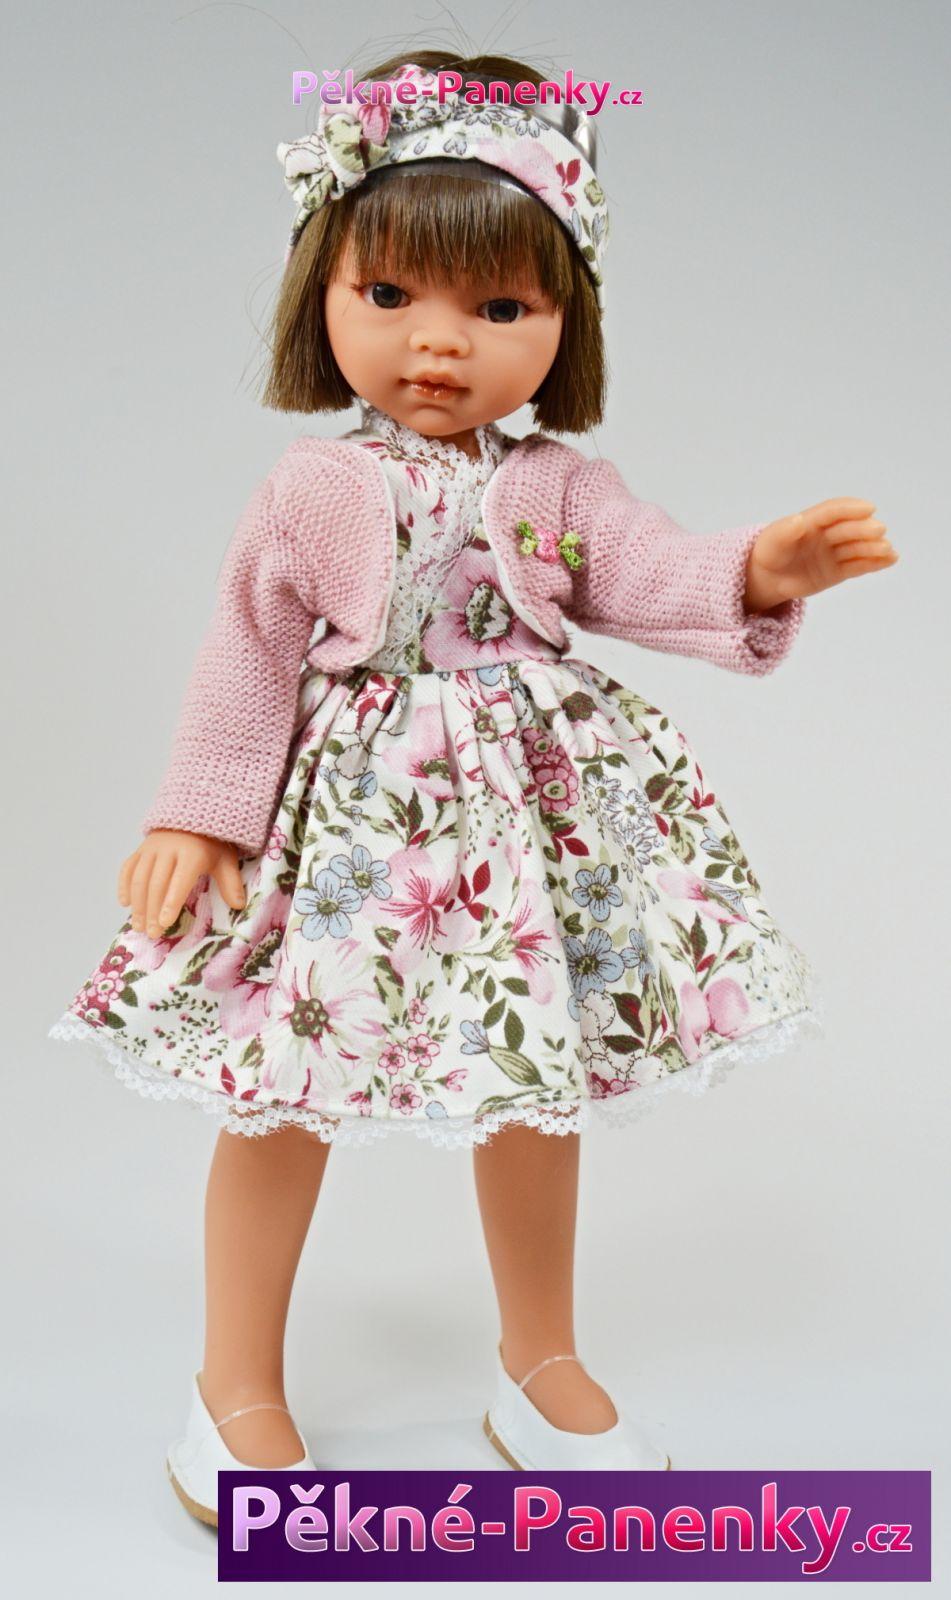 originalní španělské panenky pro děti realistická panenka s vlasy, realistické, španělské panenky jako živé miminko Antonio Juan mluvící panenky ze Španělska pro děti